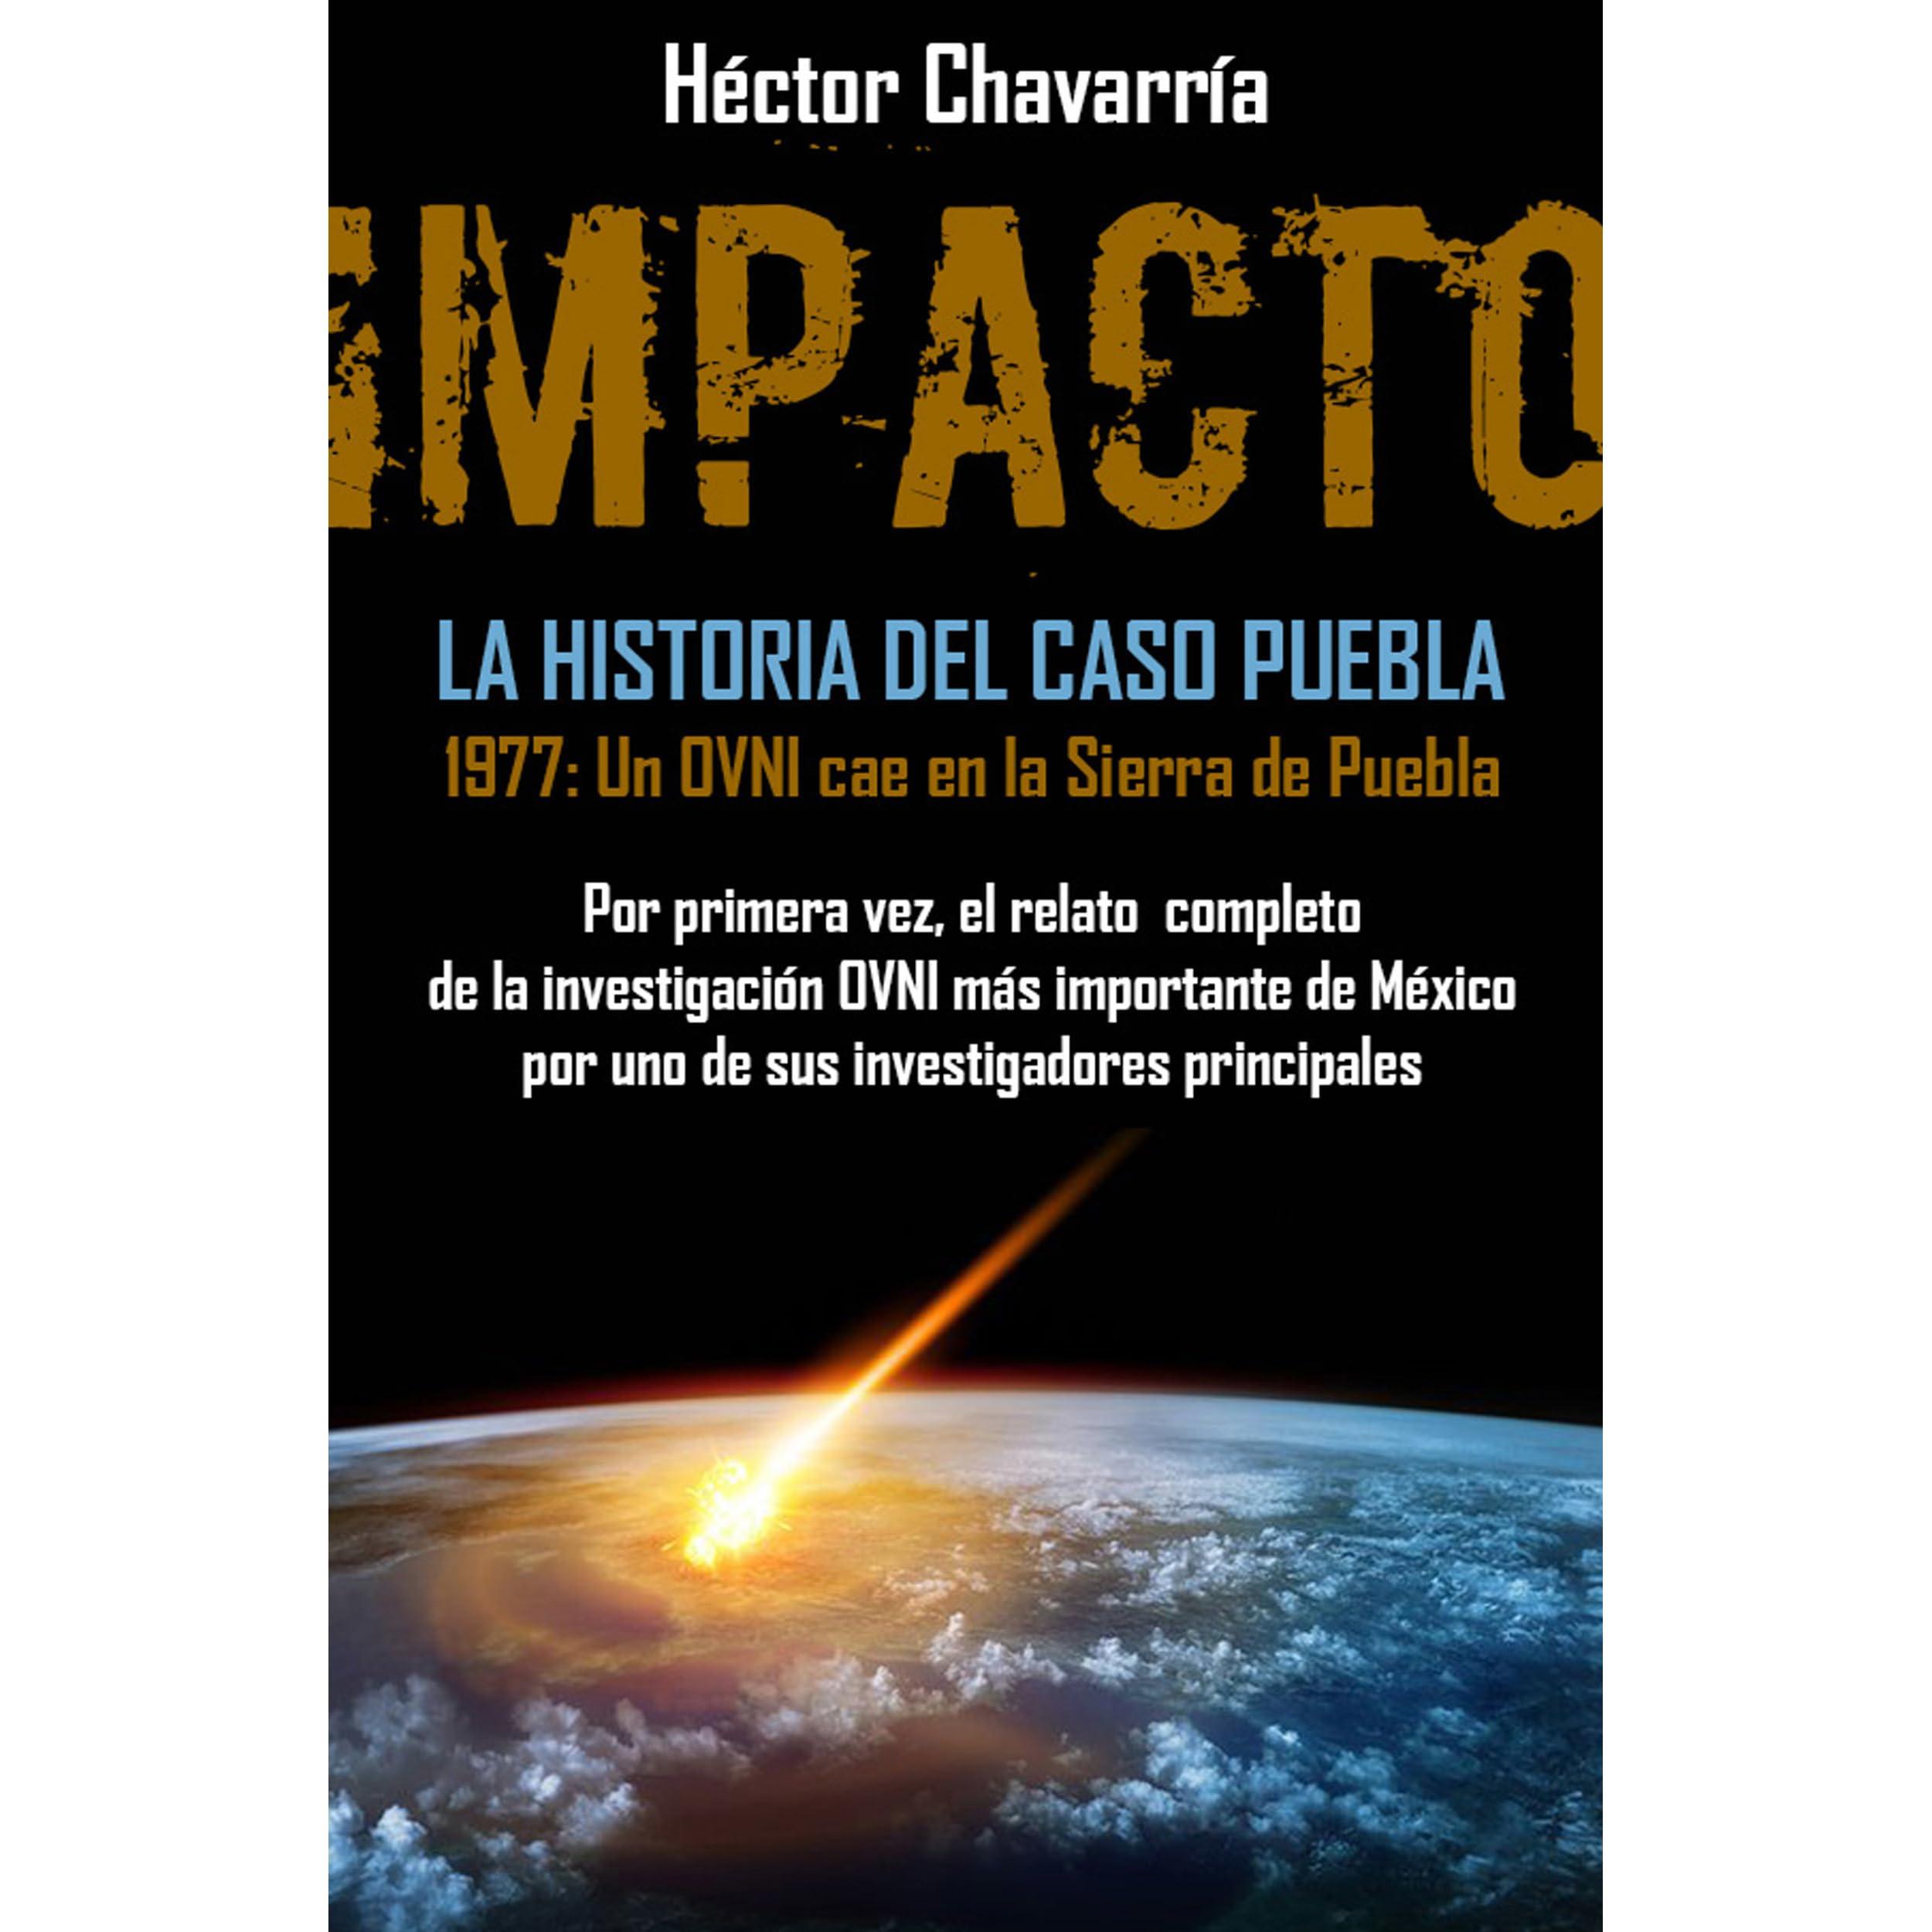 ¡IMPACTO! La historia del Caso Puebla: 1977: Un ovni cae en la Sierra de Puebla (?nigmas nº 1)